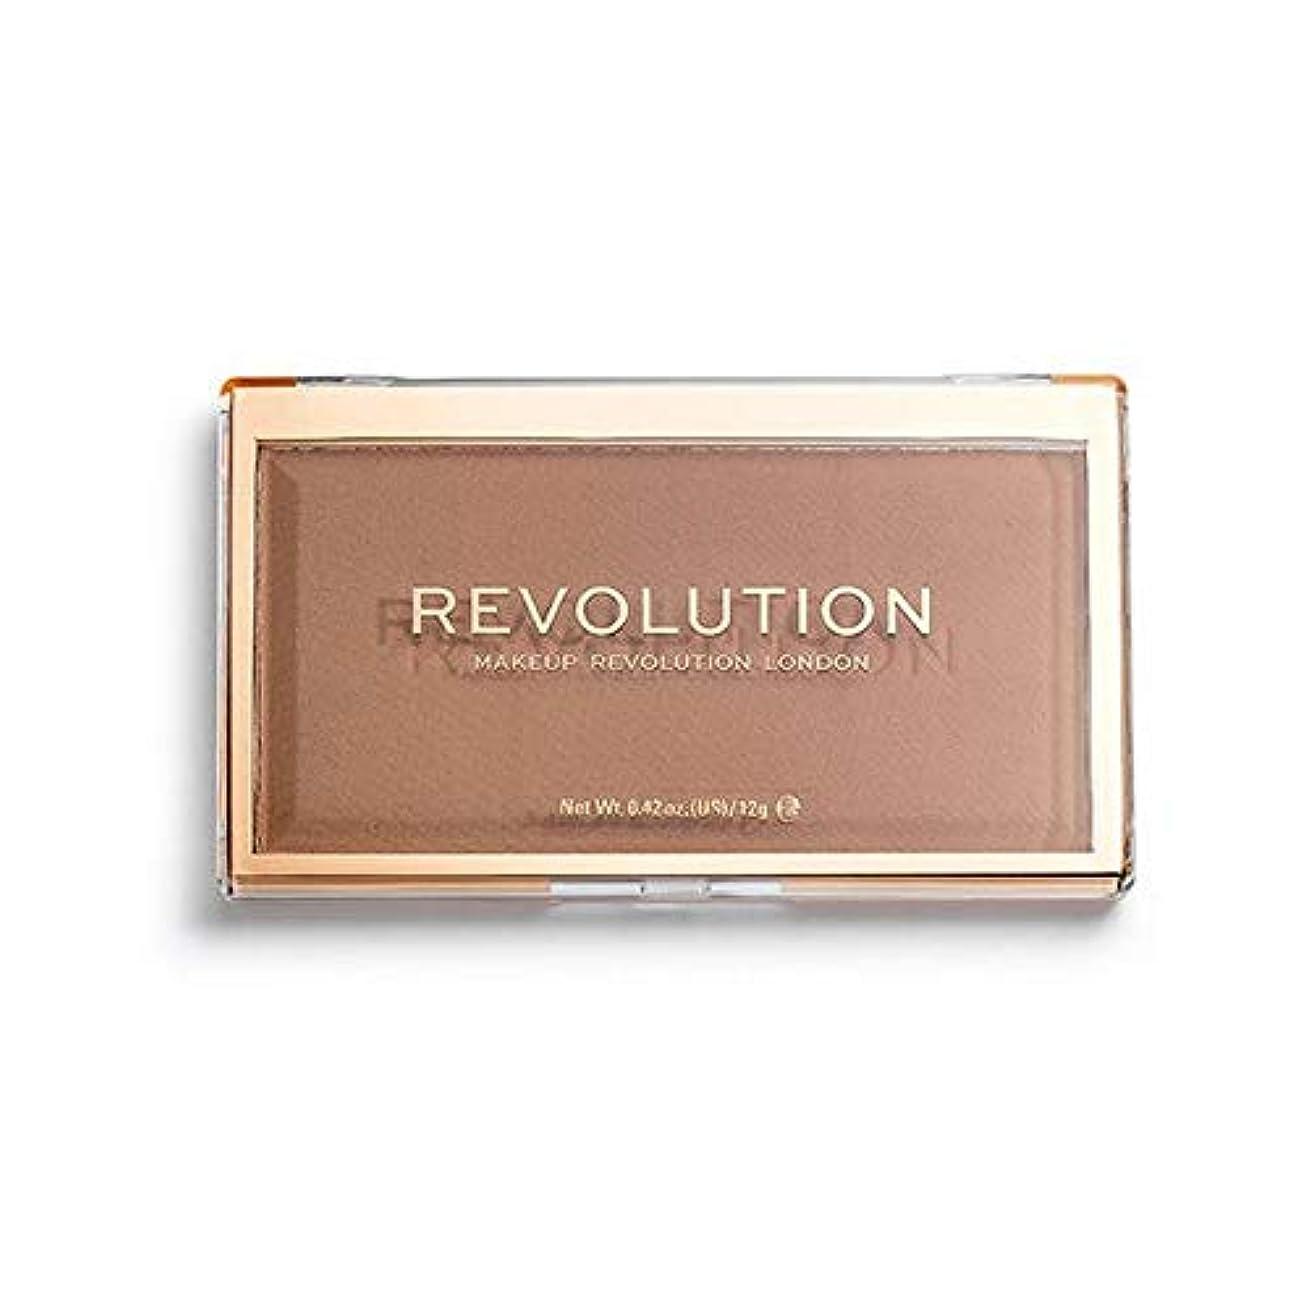 夏それ軌道[Revolution ] 回転マットベース粉末P18 - Revolution Matte Base Powder P18 [並行輸入品]